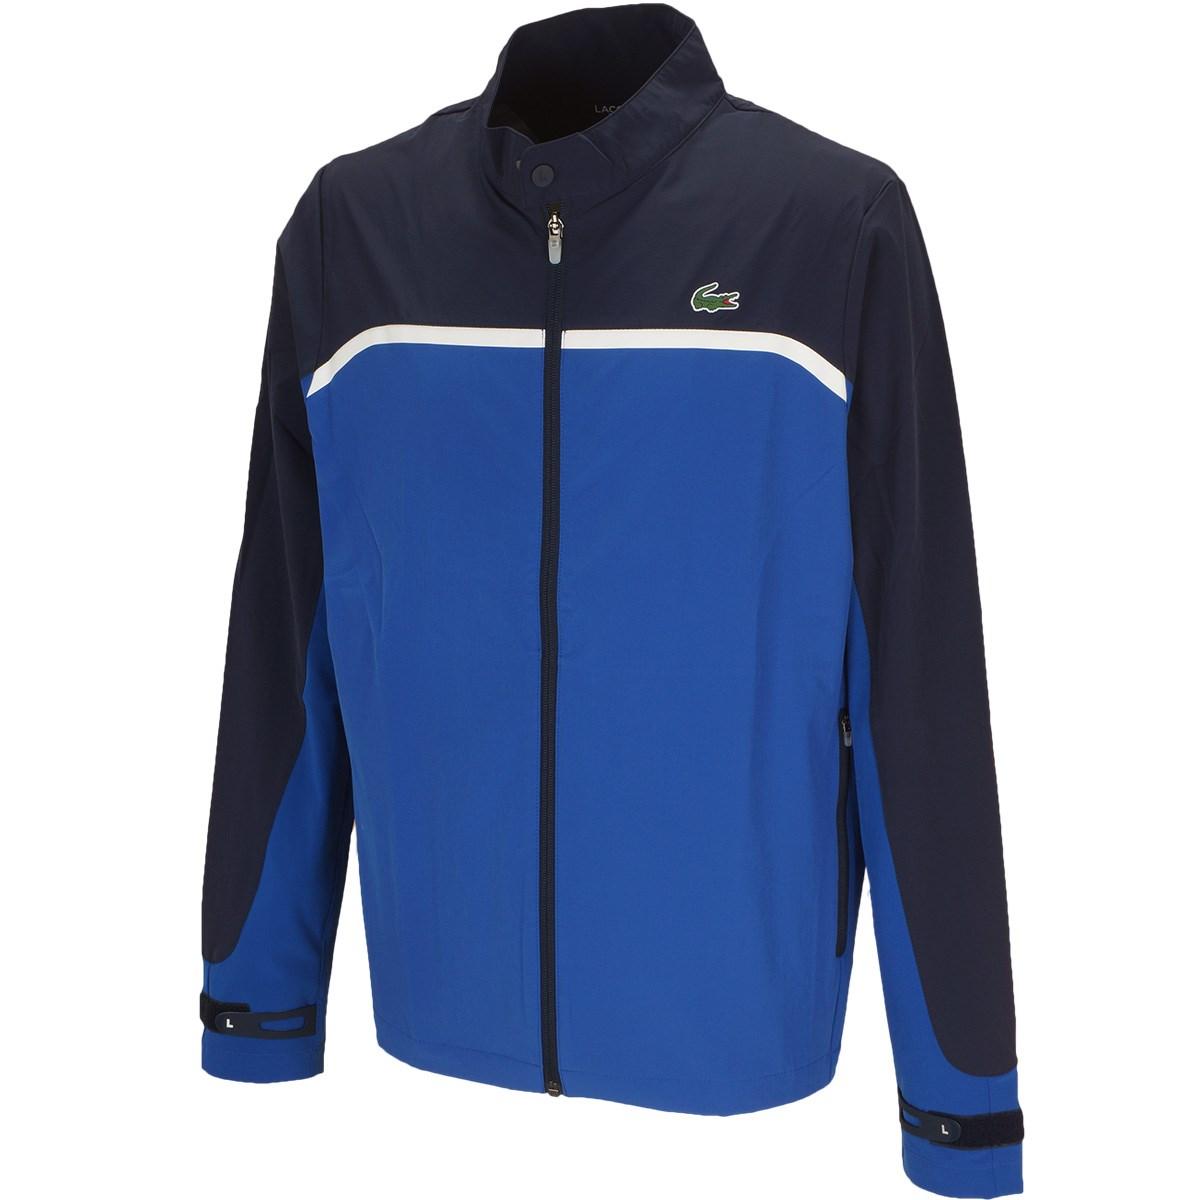 ラコステ カラーブロッキングゴルフスイングトップジャケット